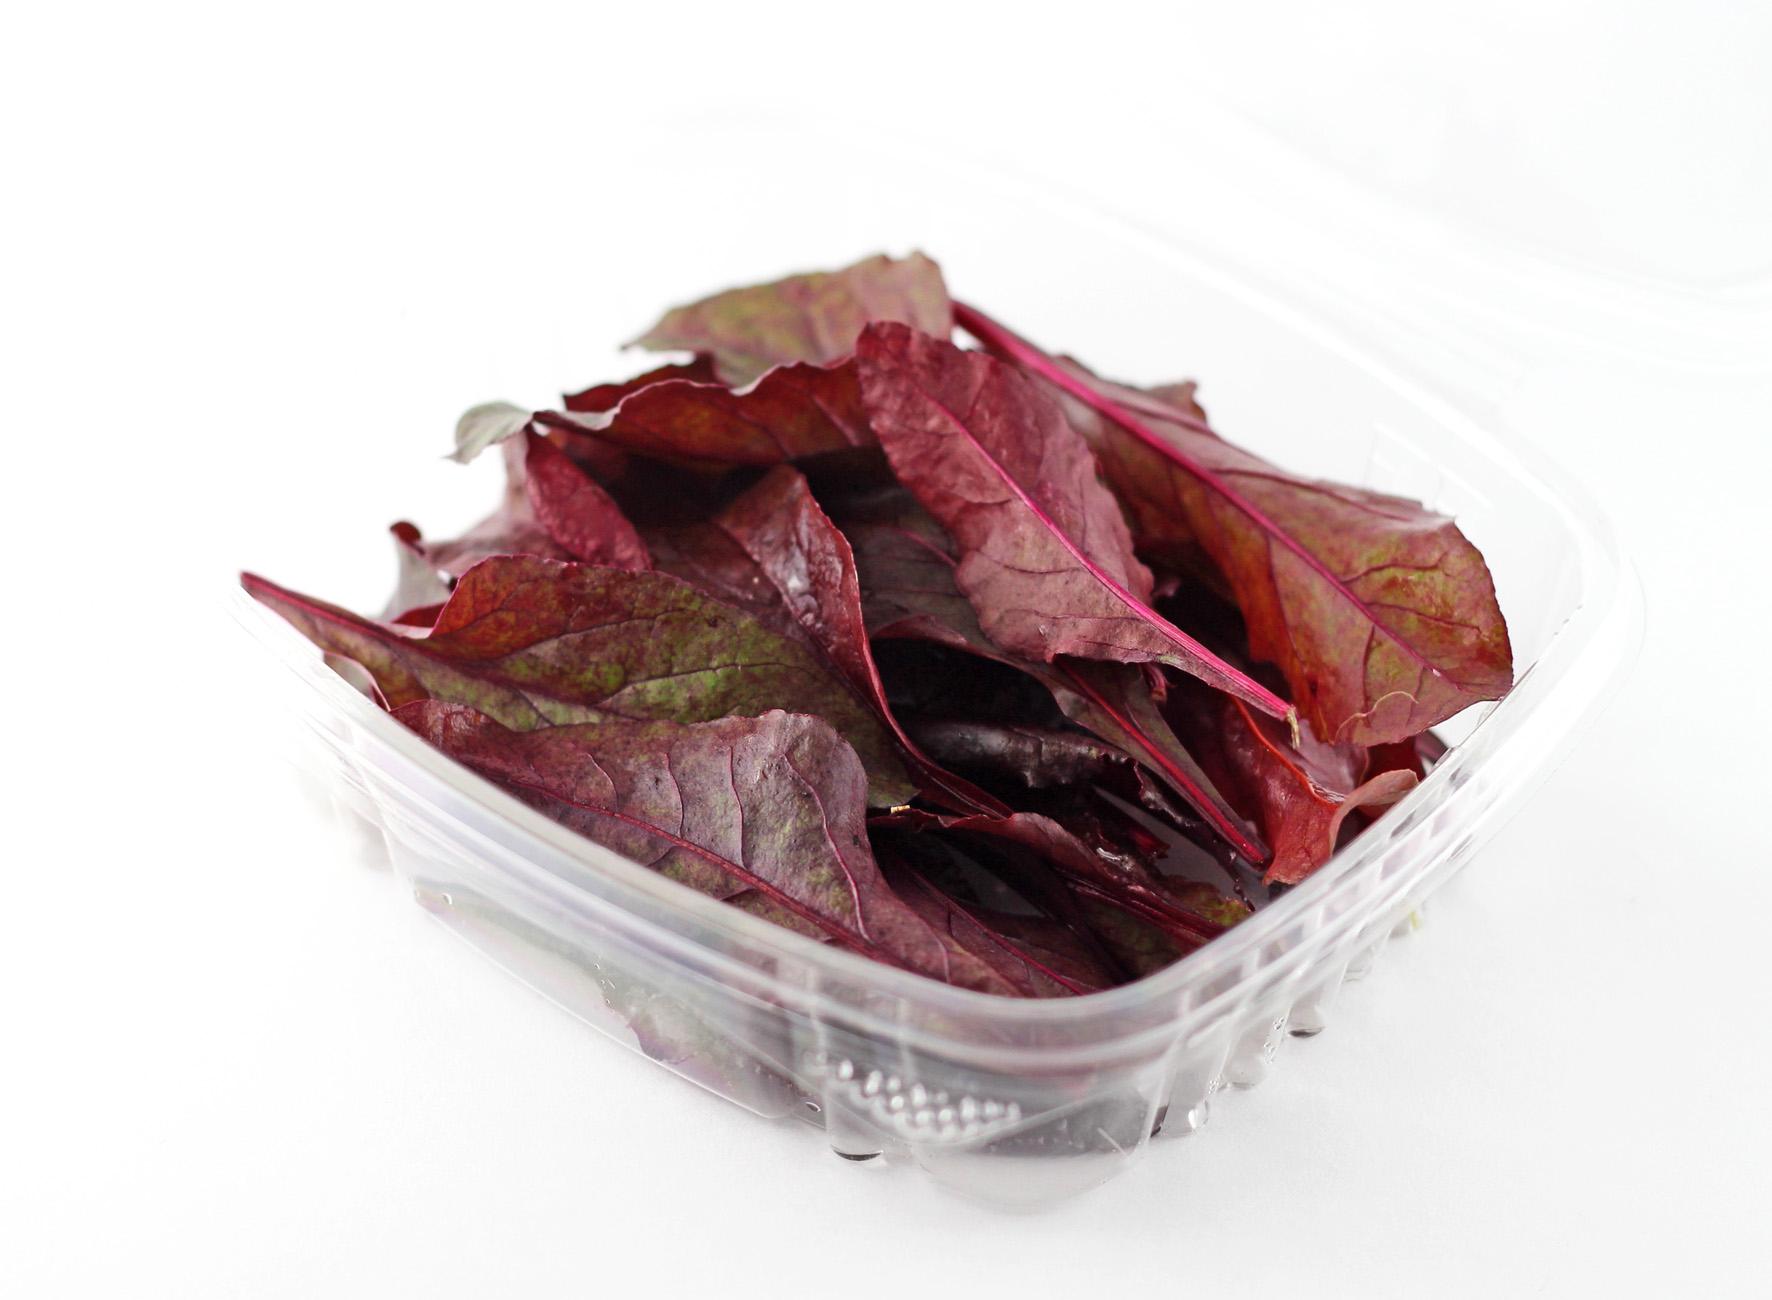 remolacha roja1a